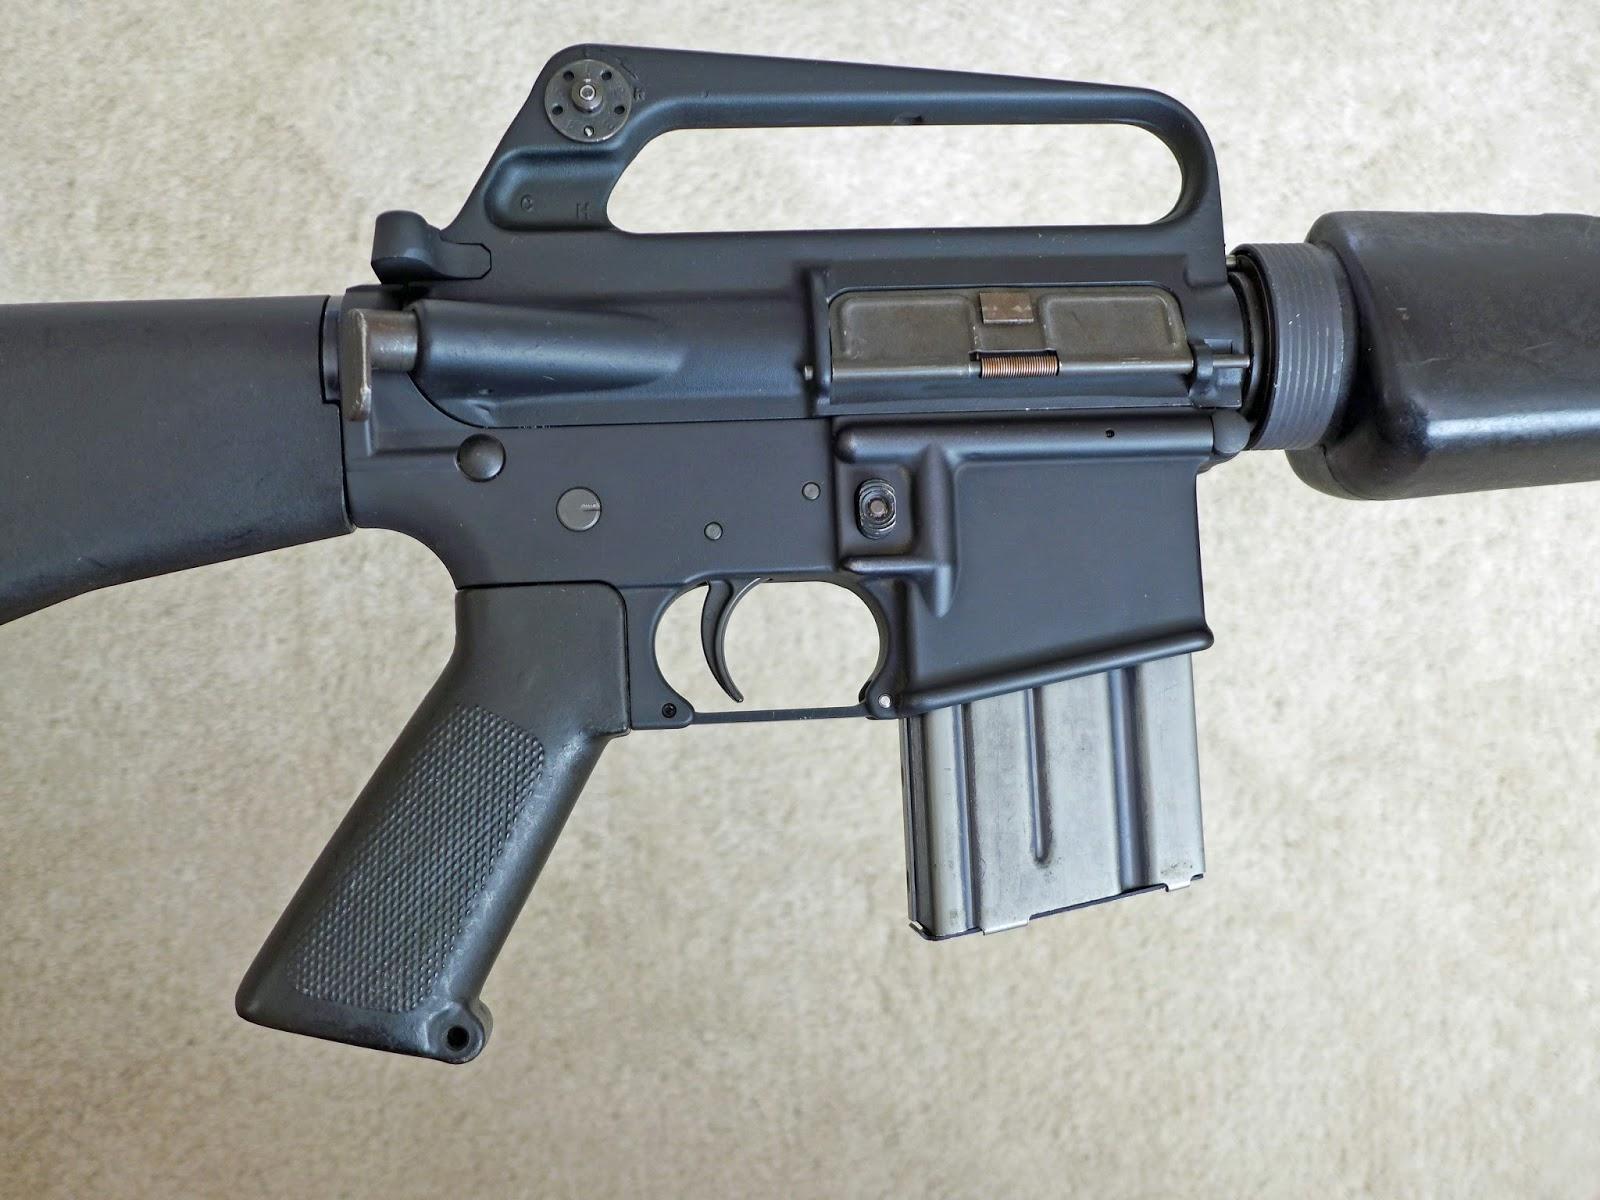 TINCANBANDIT's Gunsmithing: Retro M16A1 build